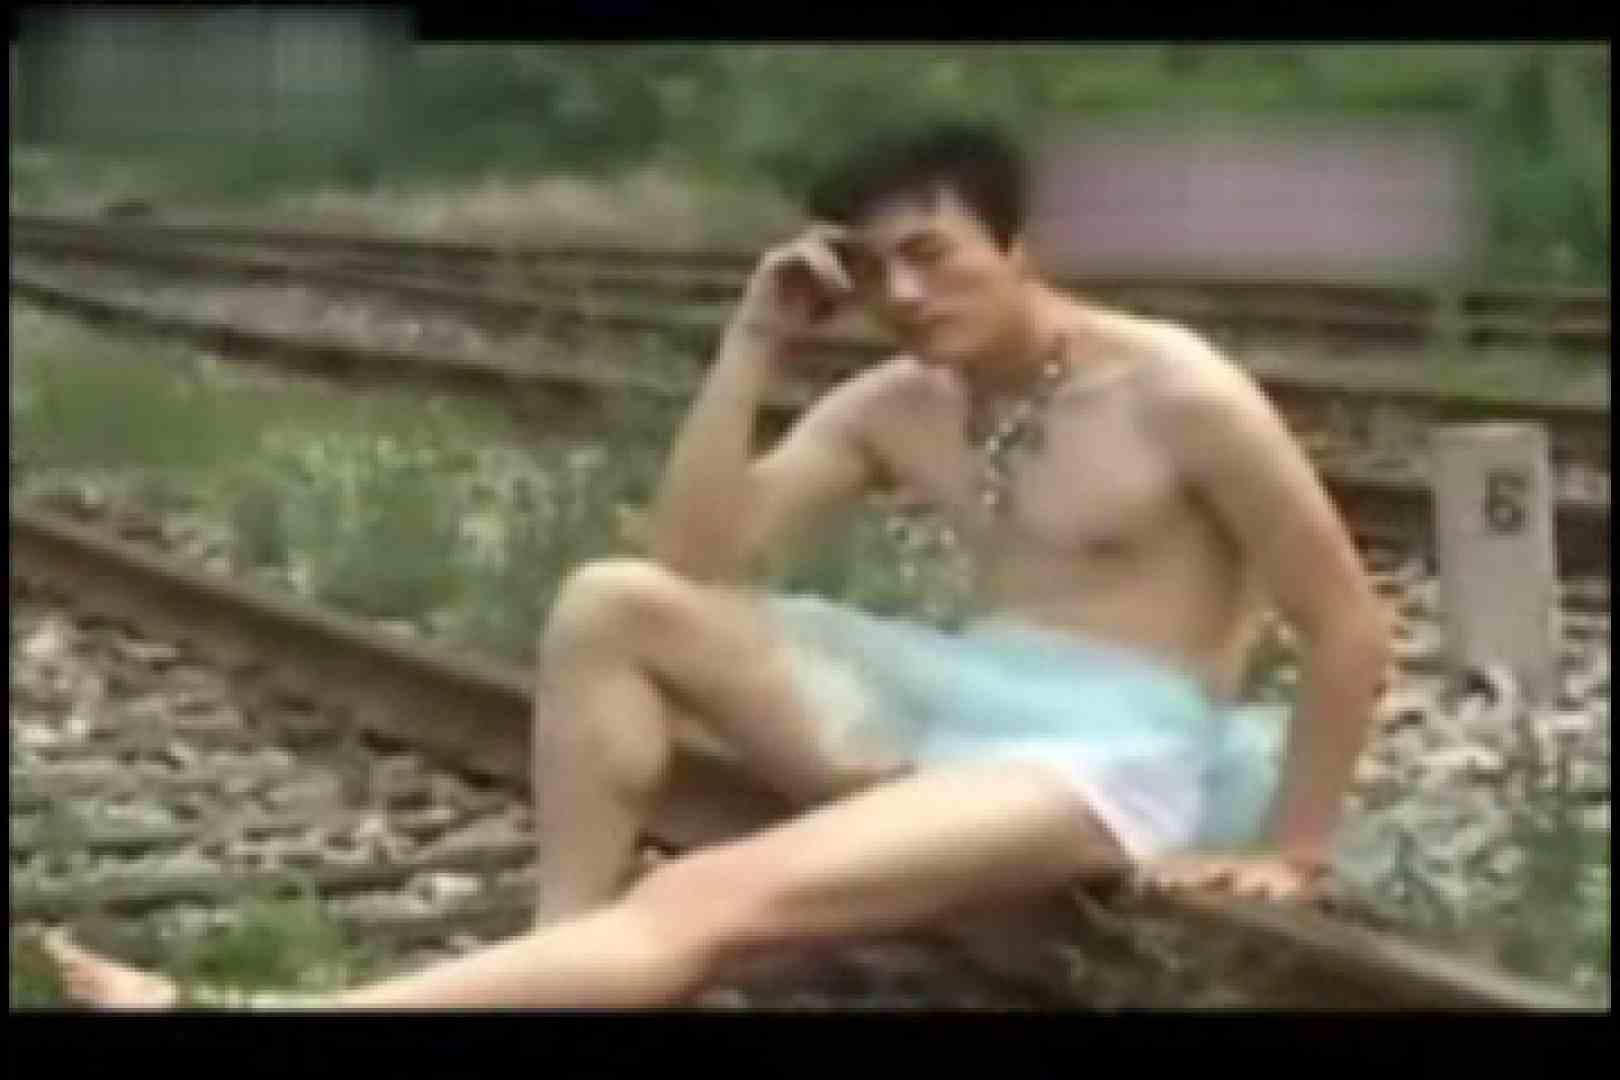 中出有名ゲイ雑誌★魅力●生★付録DVD収録スーパーモデルヌードvol3 モデル   ヌード アダルトビデオ画像キャプチャ 87pic 1